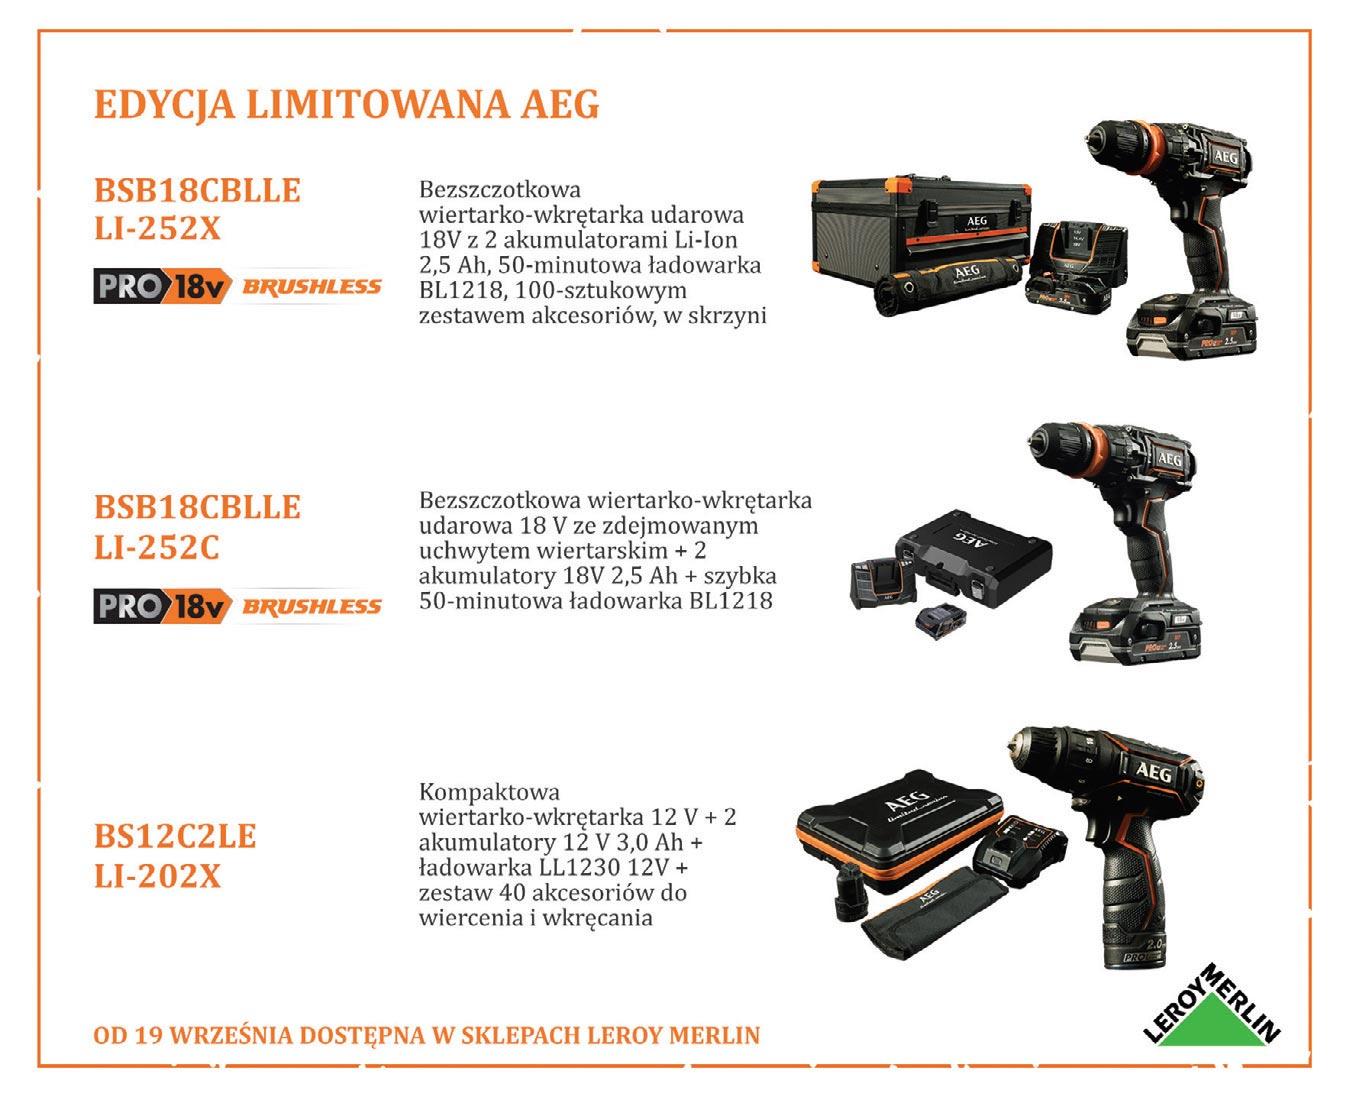 Z okazji 120-lecia marka AEG wypuściła na rynek limitowaną edycję narzędzi, która od 19 września będzie dostępna w ofercie sklepów Leroy Merlin.